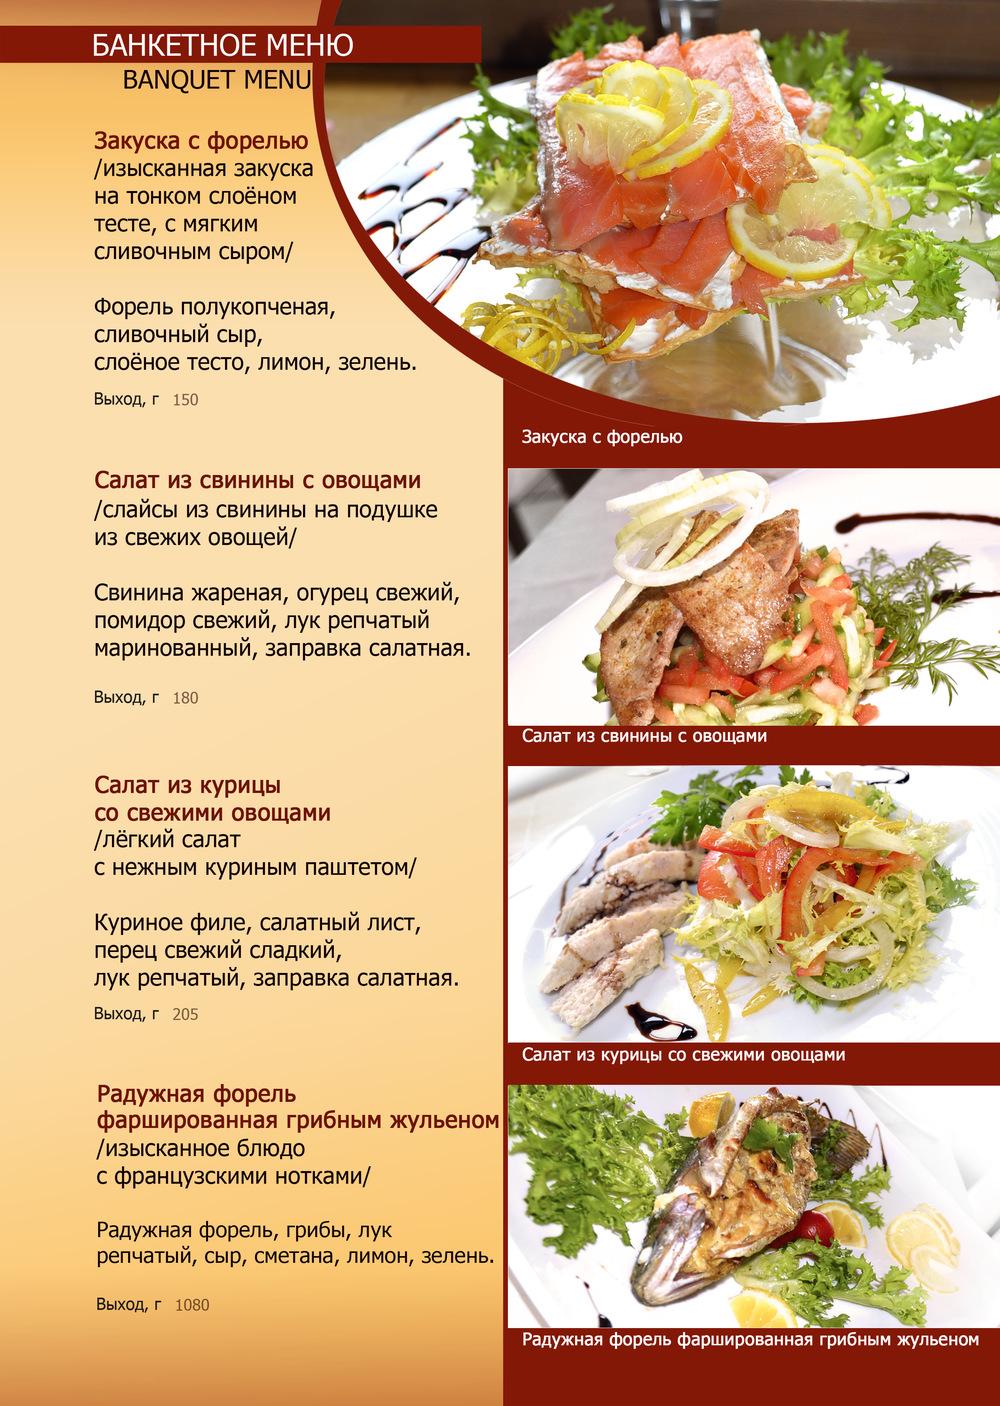 банкетное меню ресторана с фото и рецептами купить